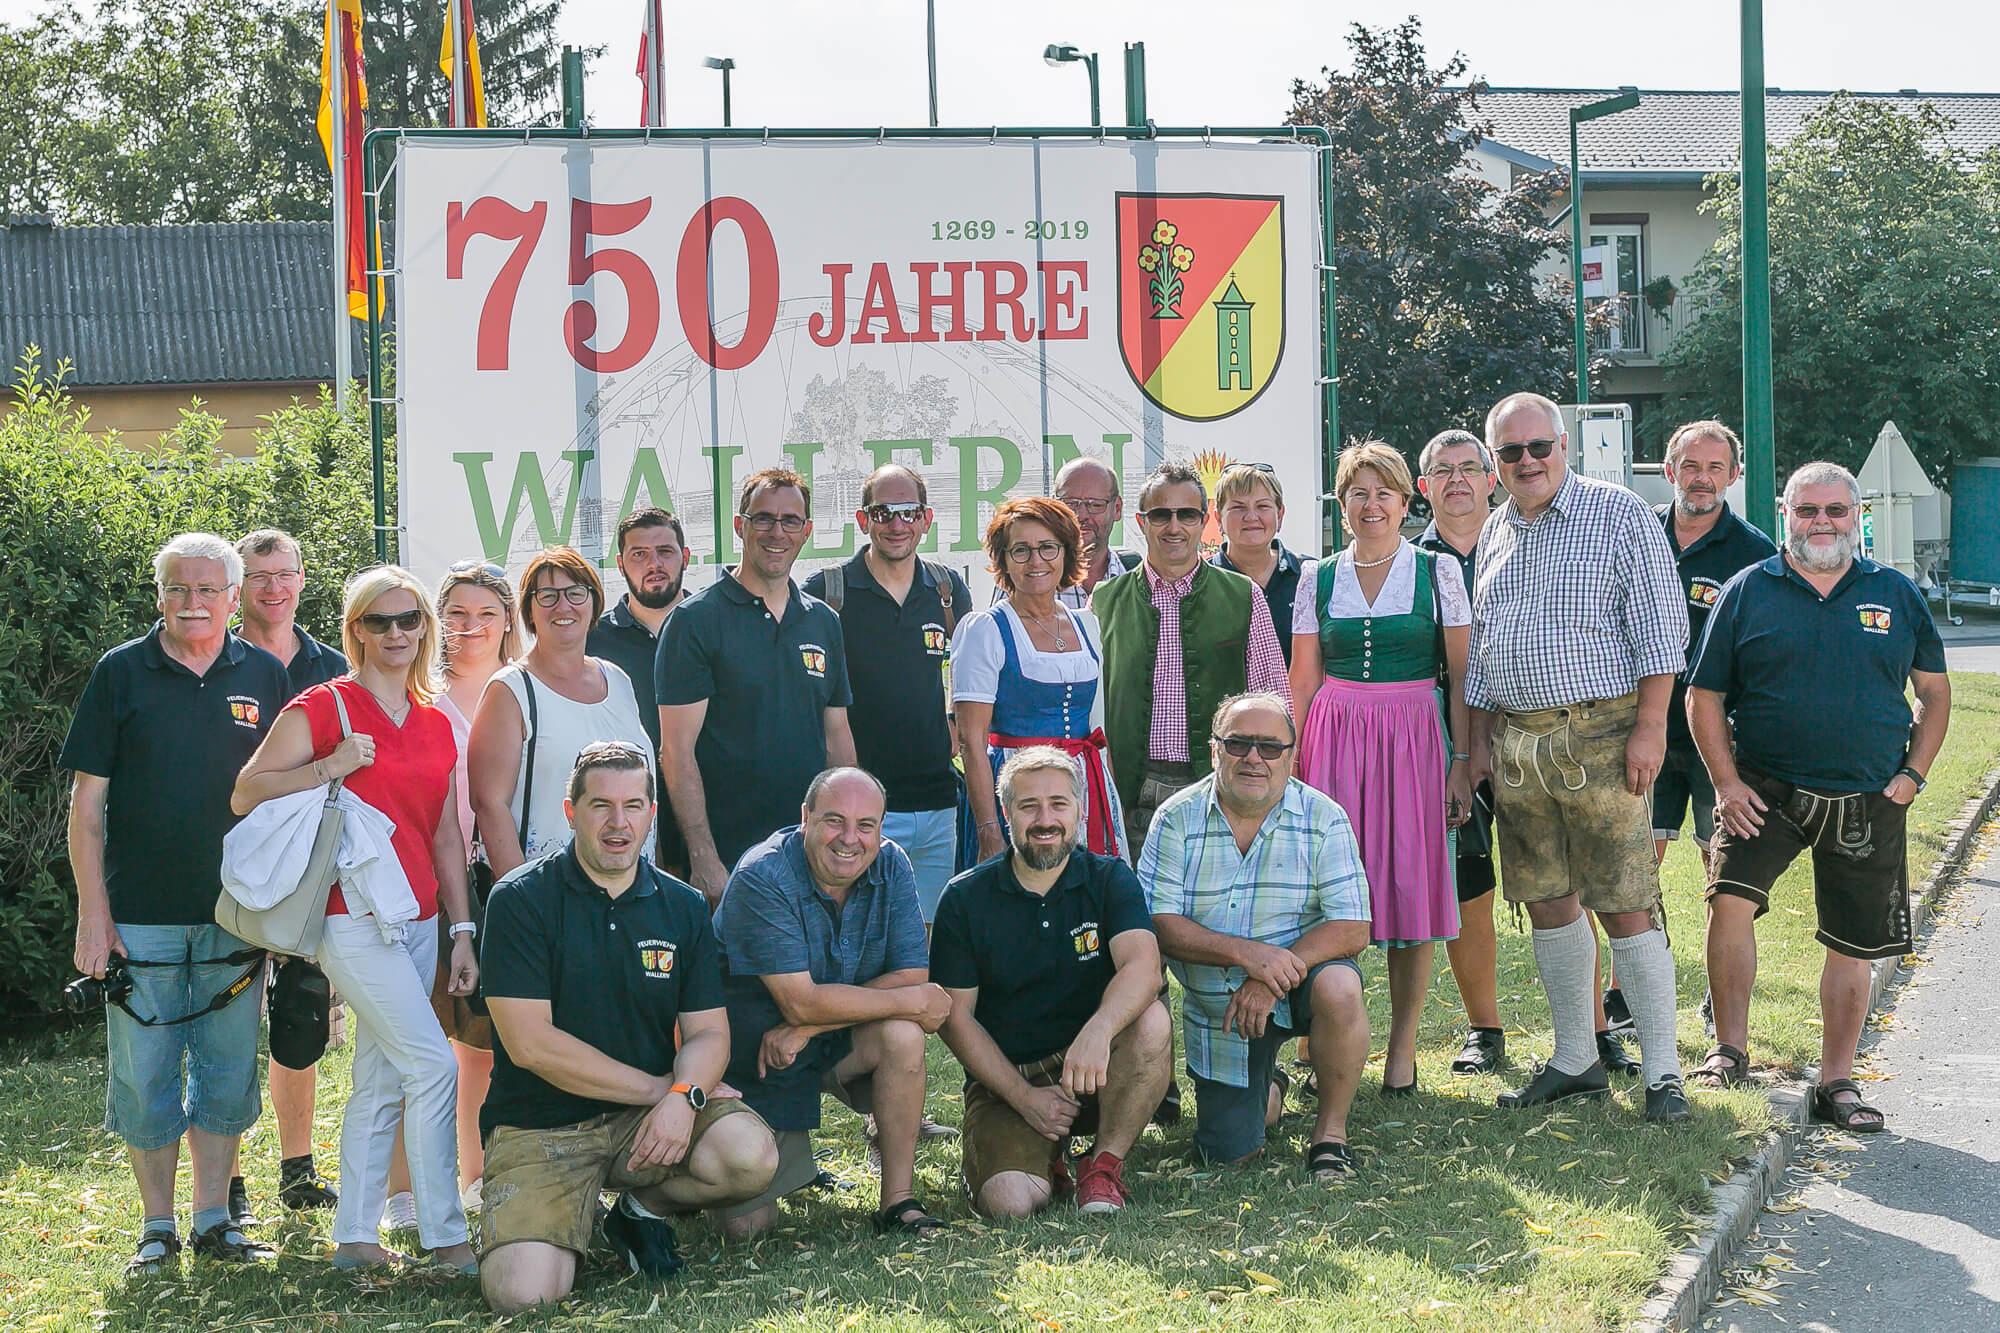 Escort Service Wallern an der Trattnach | Locanto Erotik